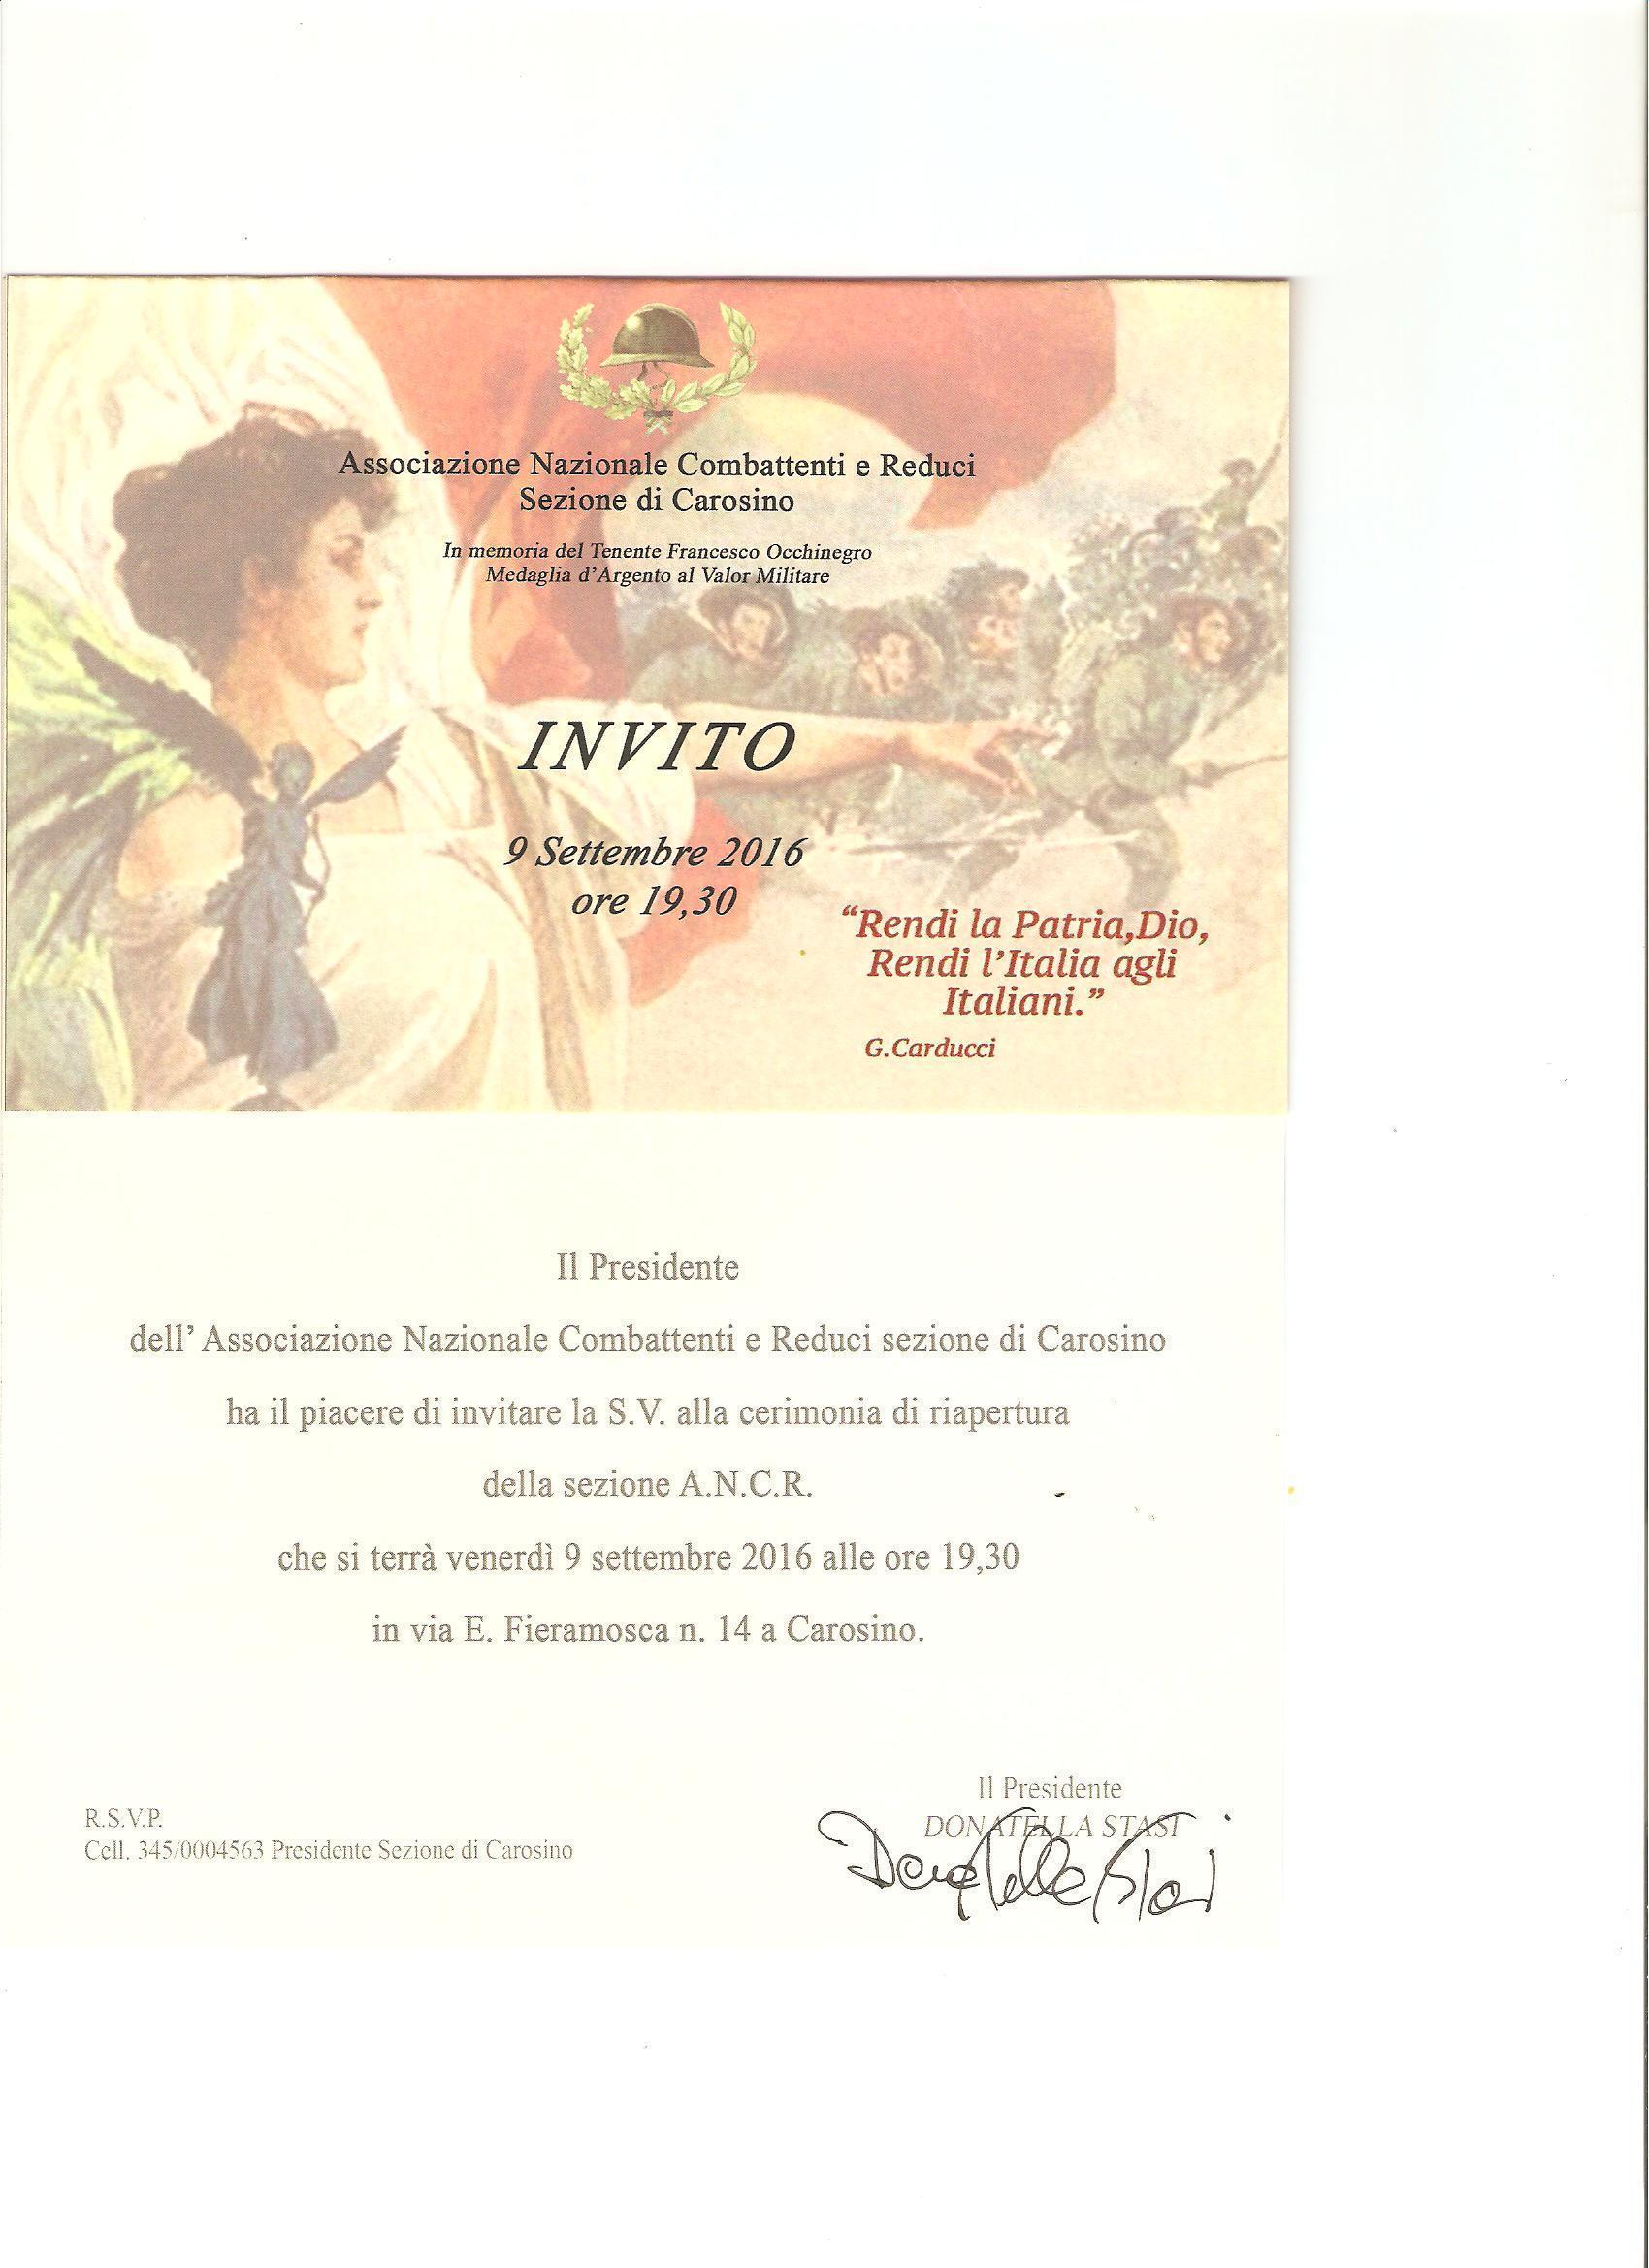 invito-001